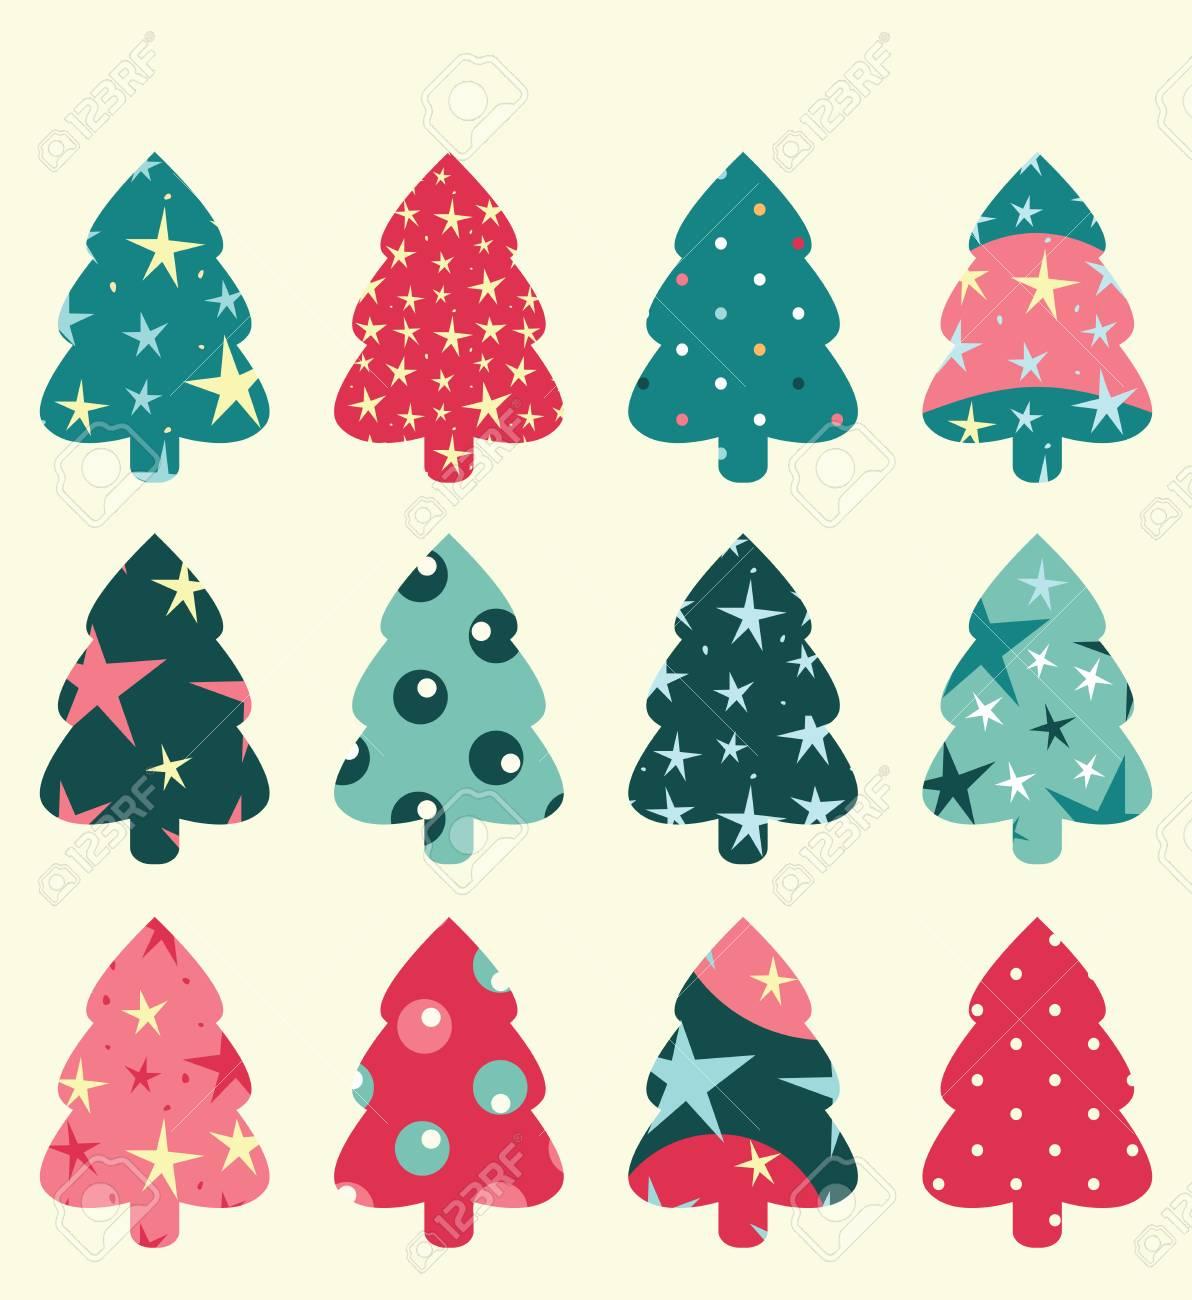 Disegni Di Alberi Di Natale.Set Di Albero Di Natale Puo Essere Utilizzato Come Un Disegno Di Carta O Di Sfondo